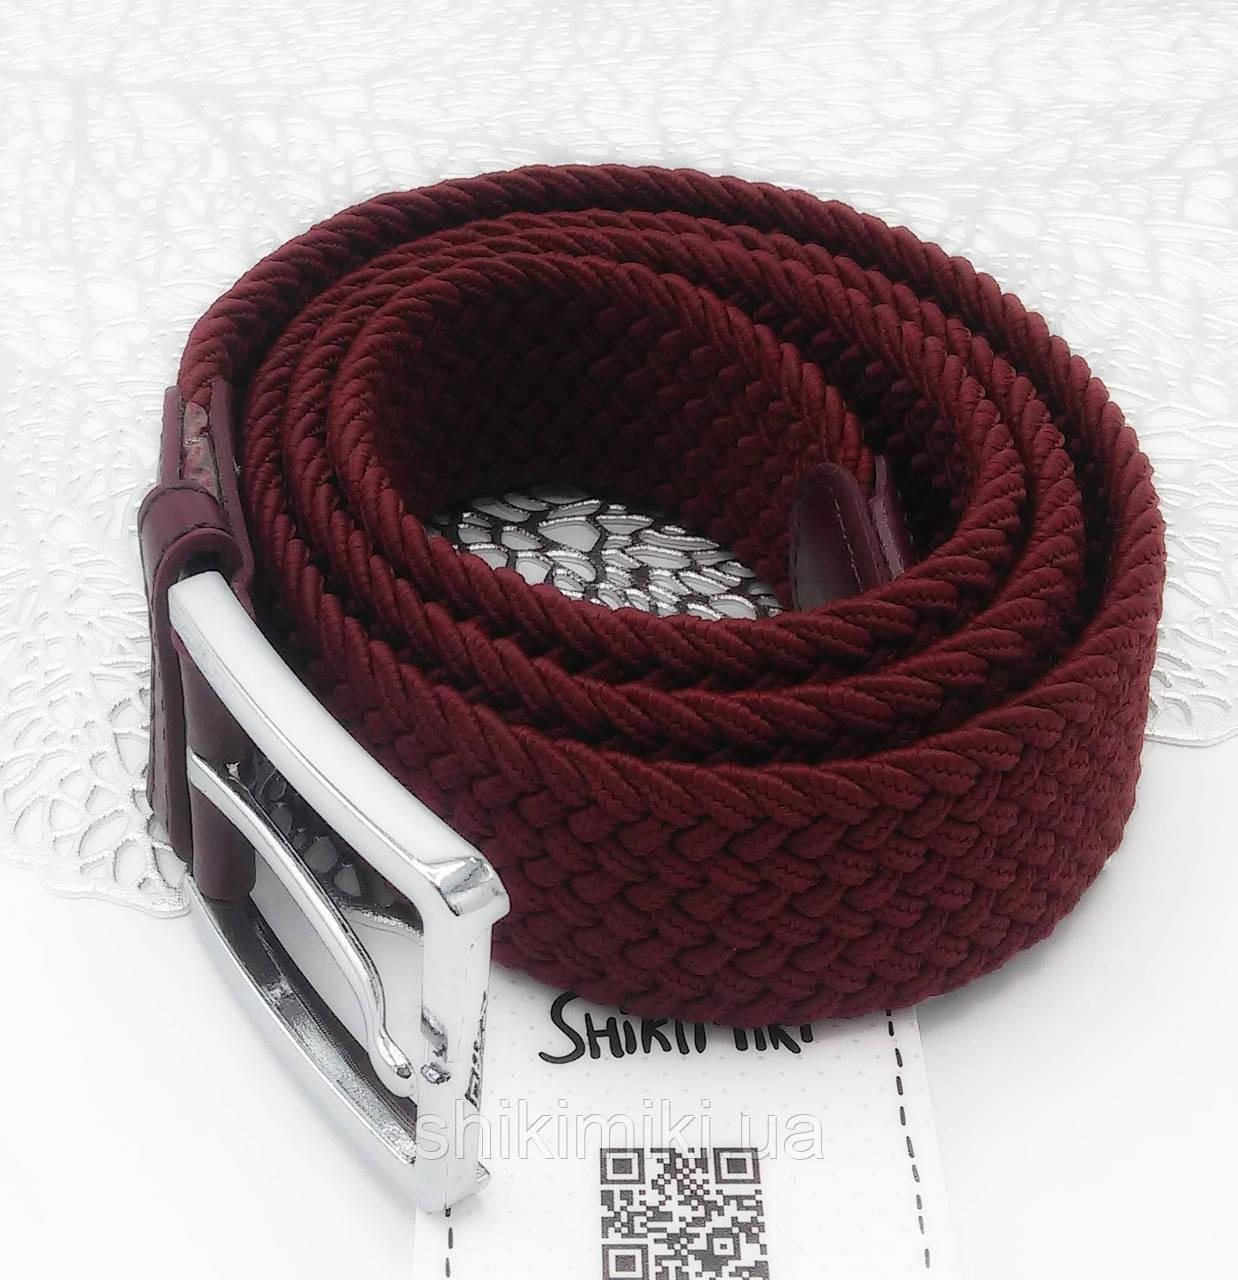 Ремень поясной  плетенка премиум резинка бордовый (3,5 см)